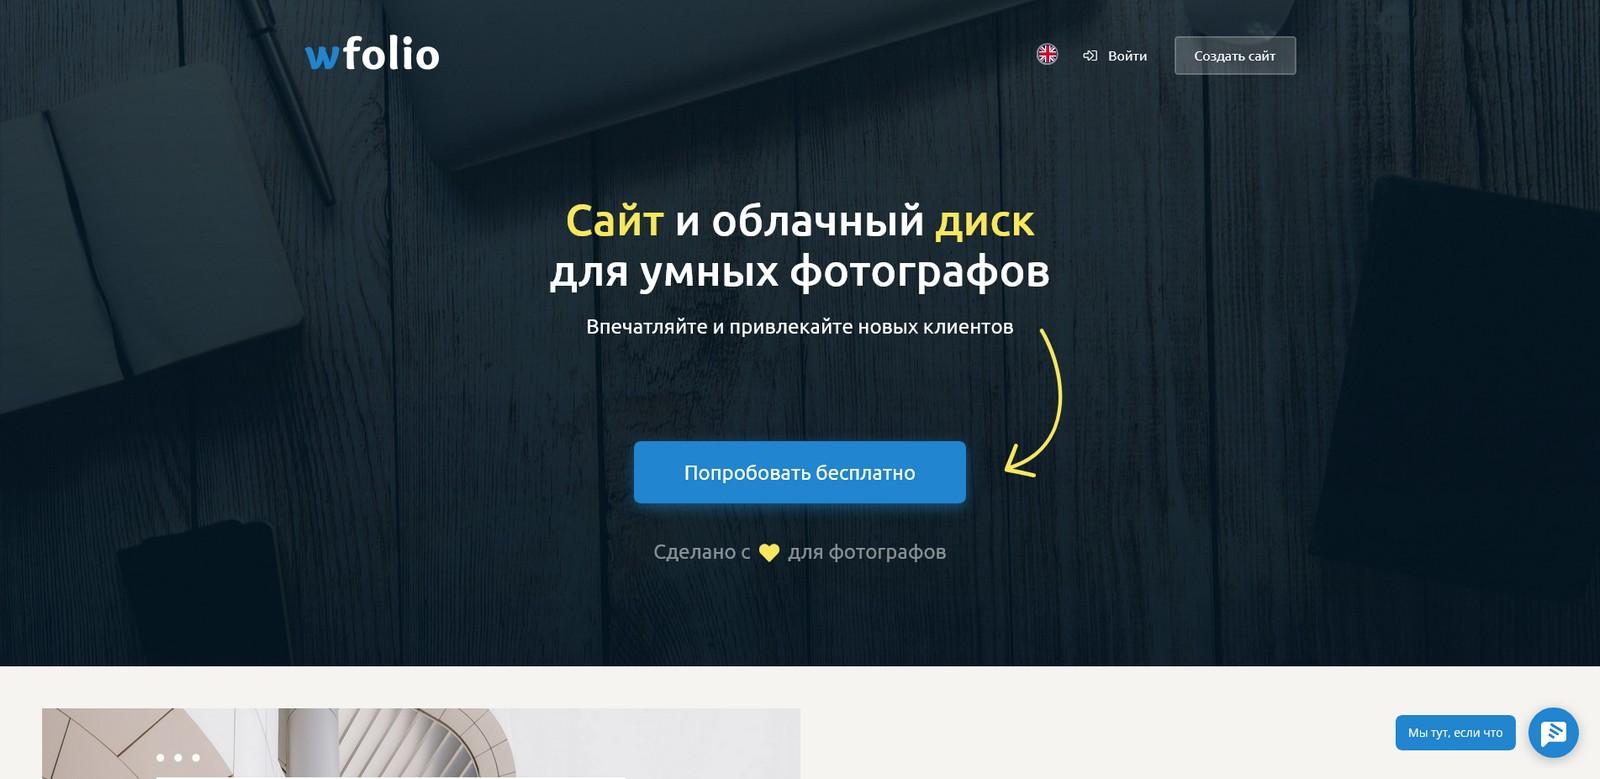 Конструктор сайтов wfolio